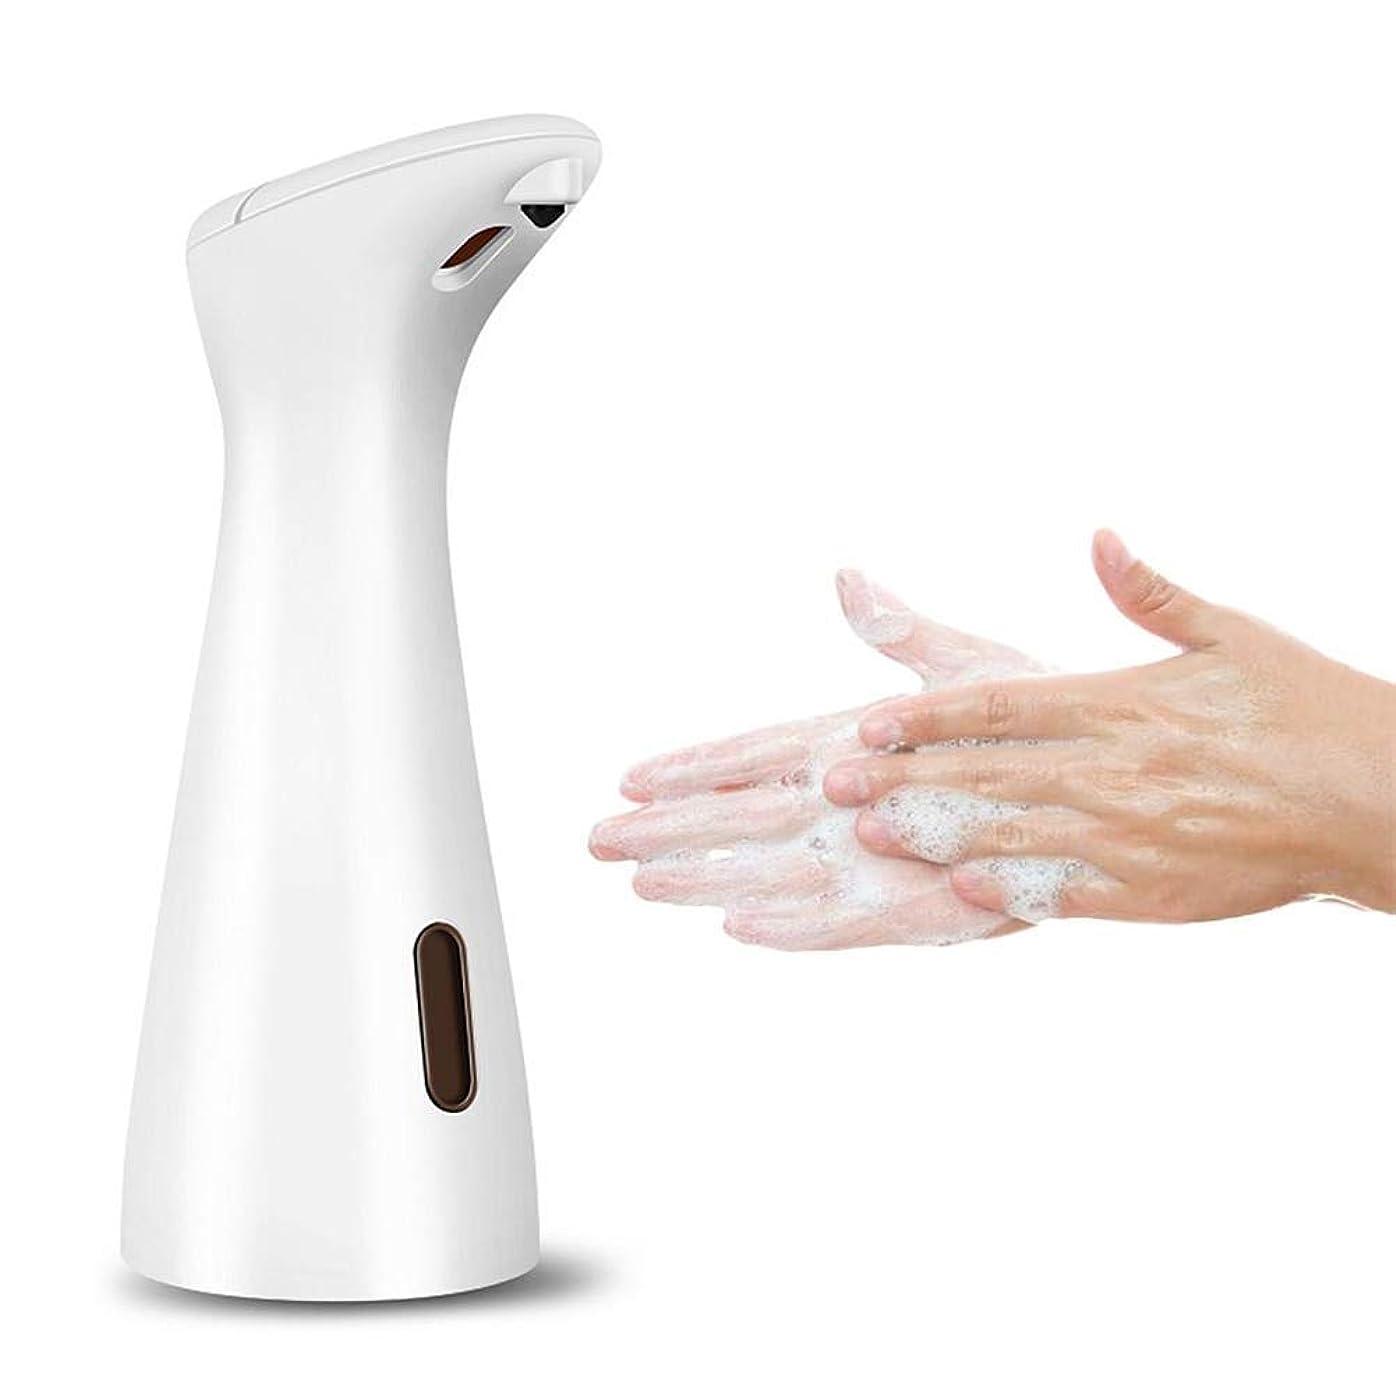 アリスビデオ変形200ミリリットルスマート自動泡ソープディスペンサー誘導発泡手洗い機ポータブル液体ソープディスペンサー浴室キッチンツール